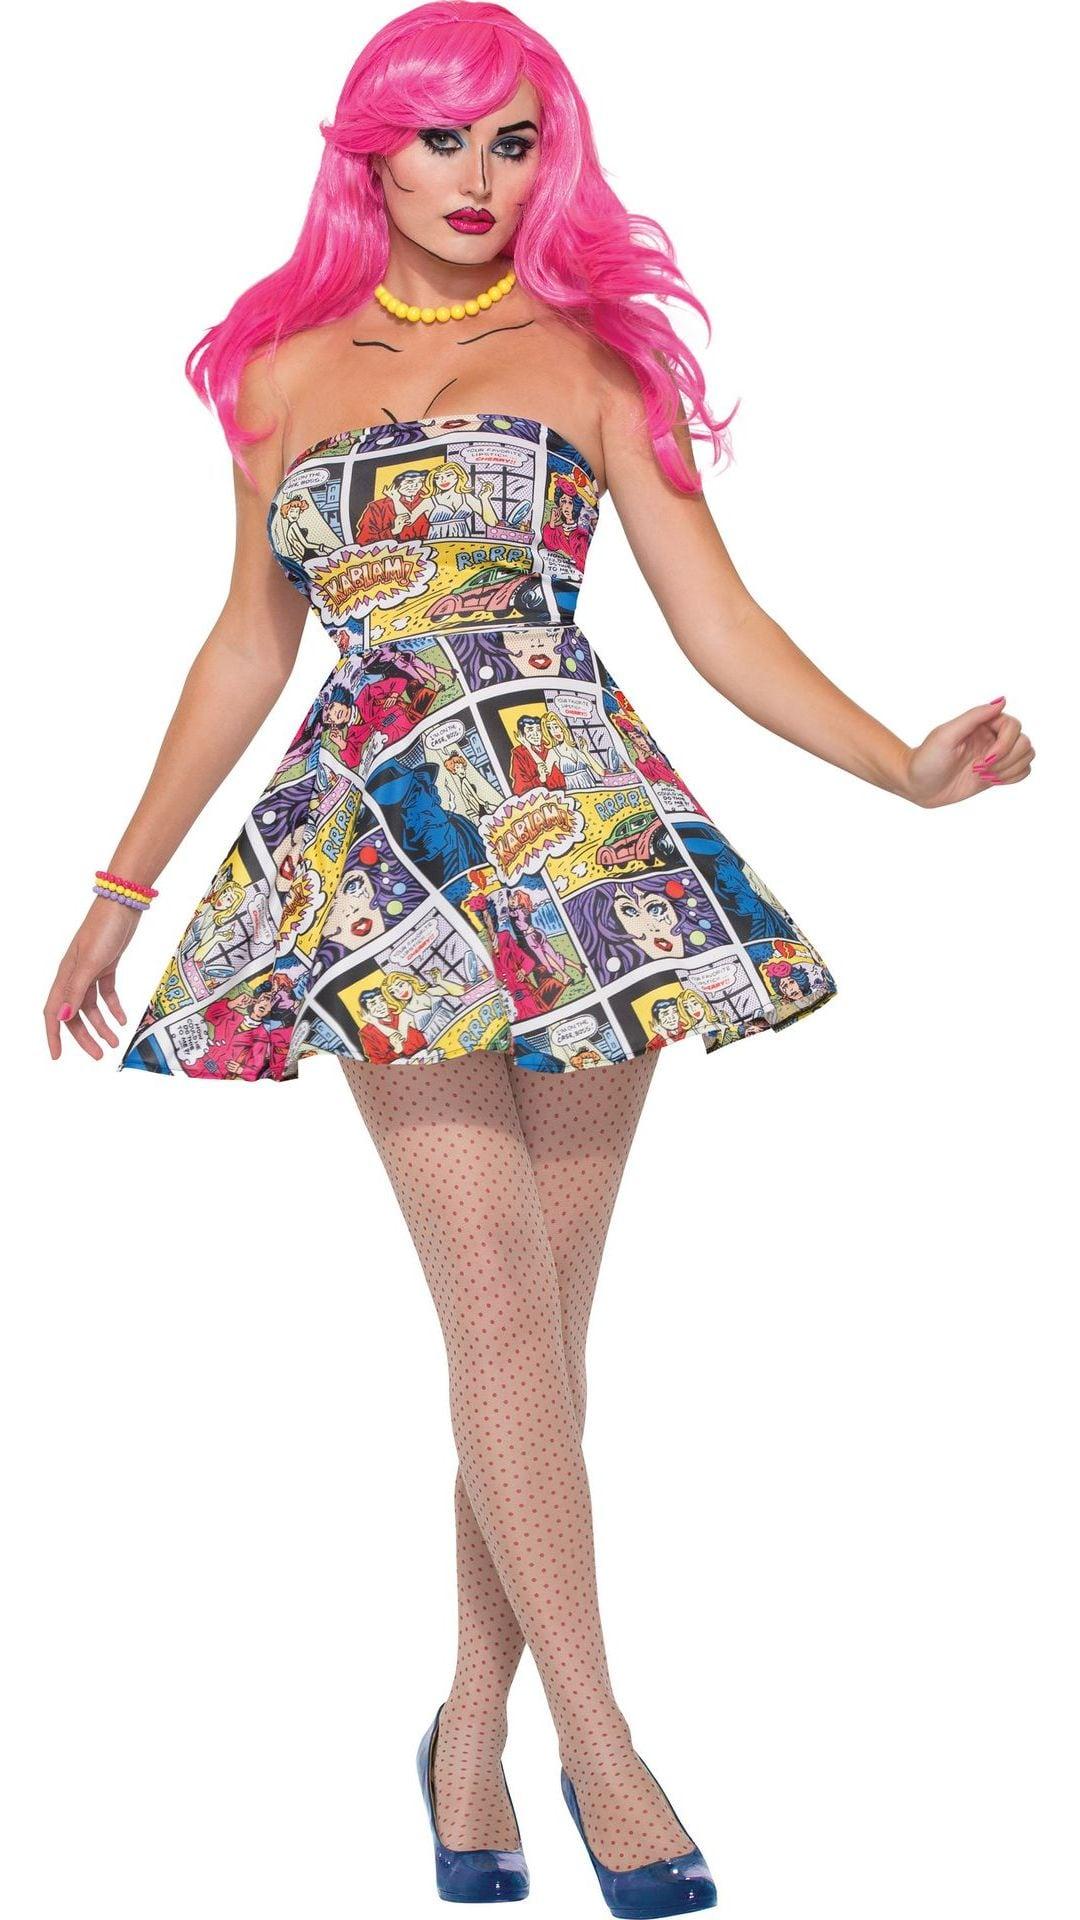 ca26d934cacde0 Pop Art jurk